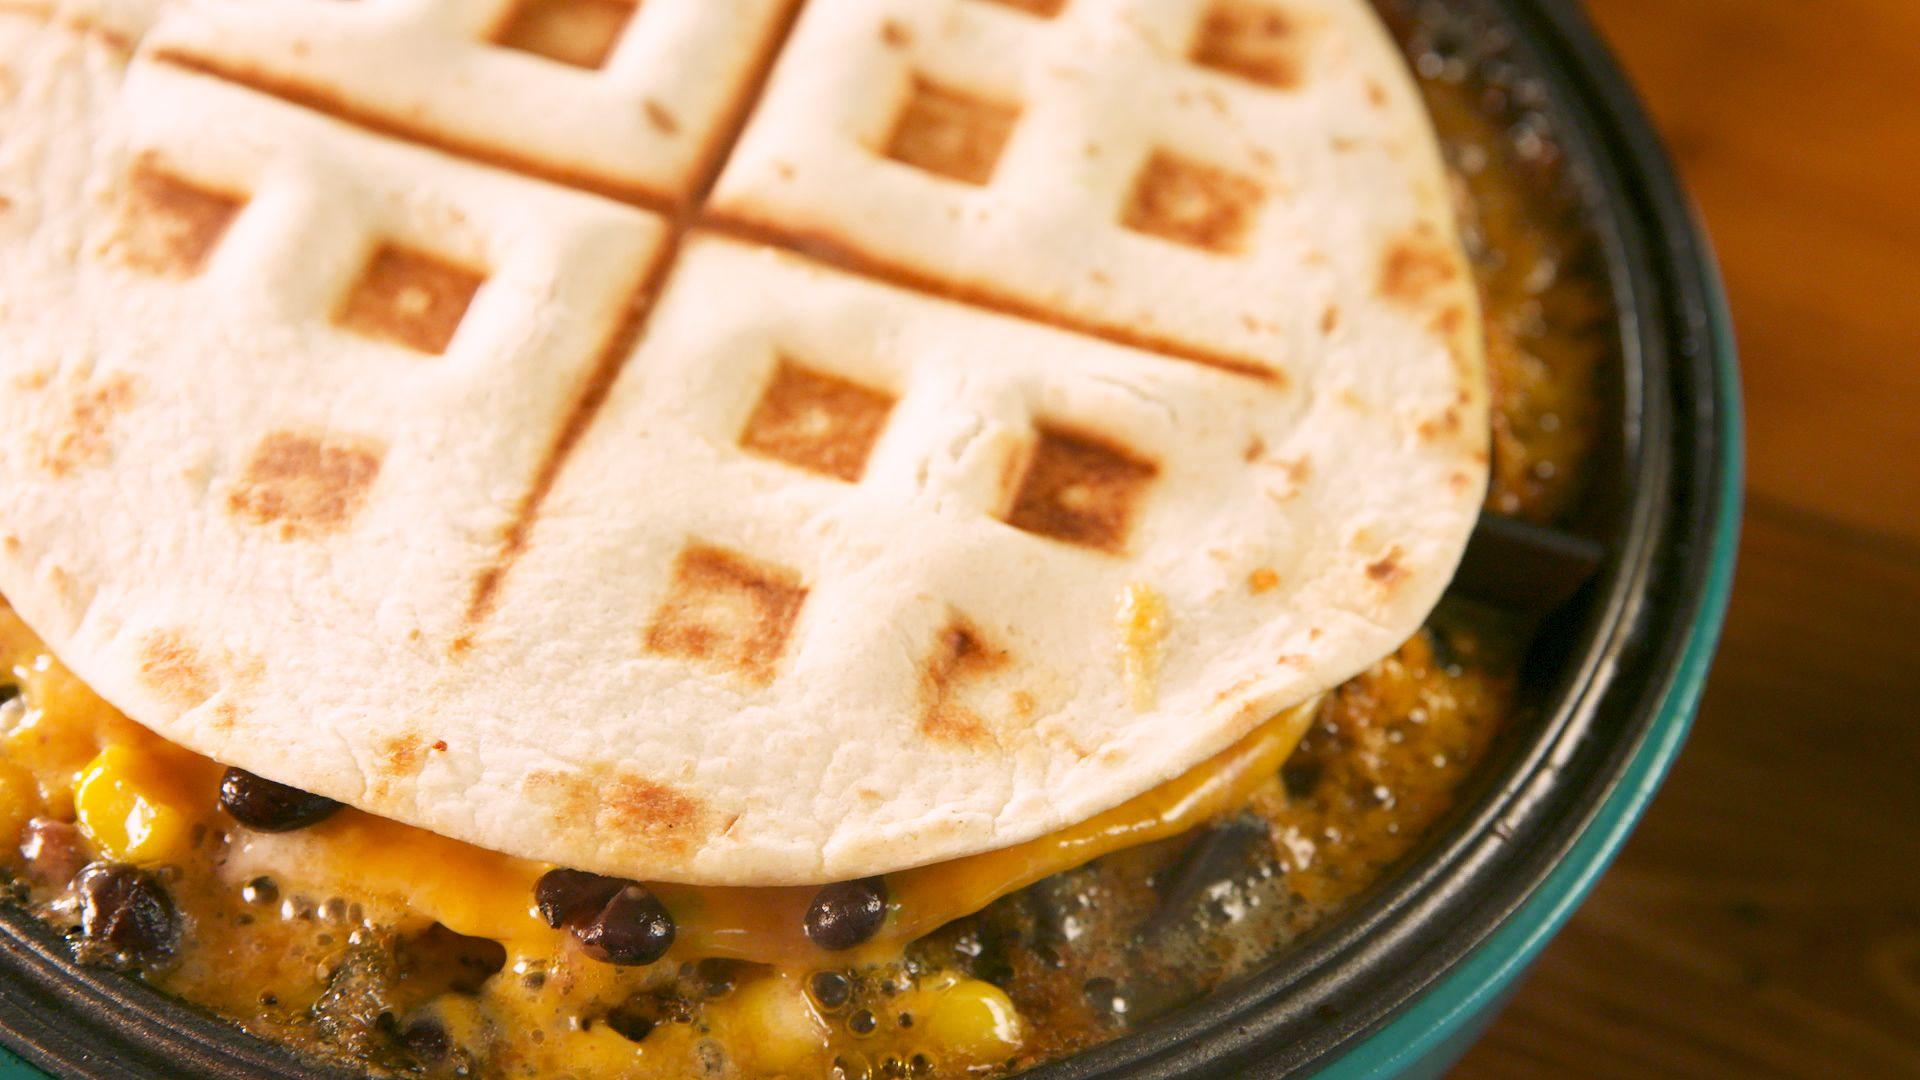 Waffled Quesadillas